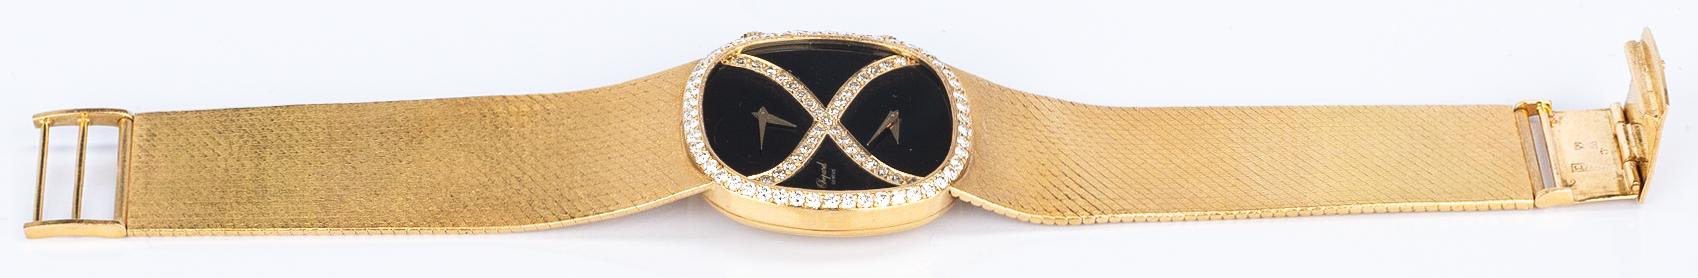 Lot 51: Chopard 18k Dia Dual Time Zone Watch